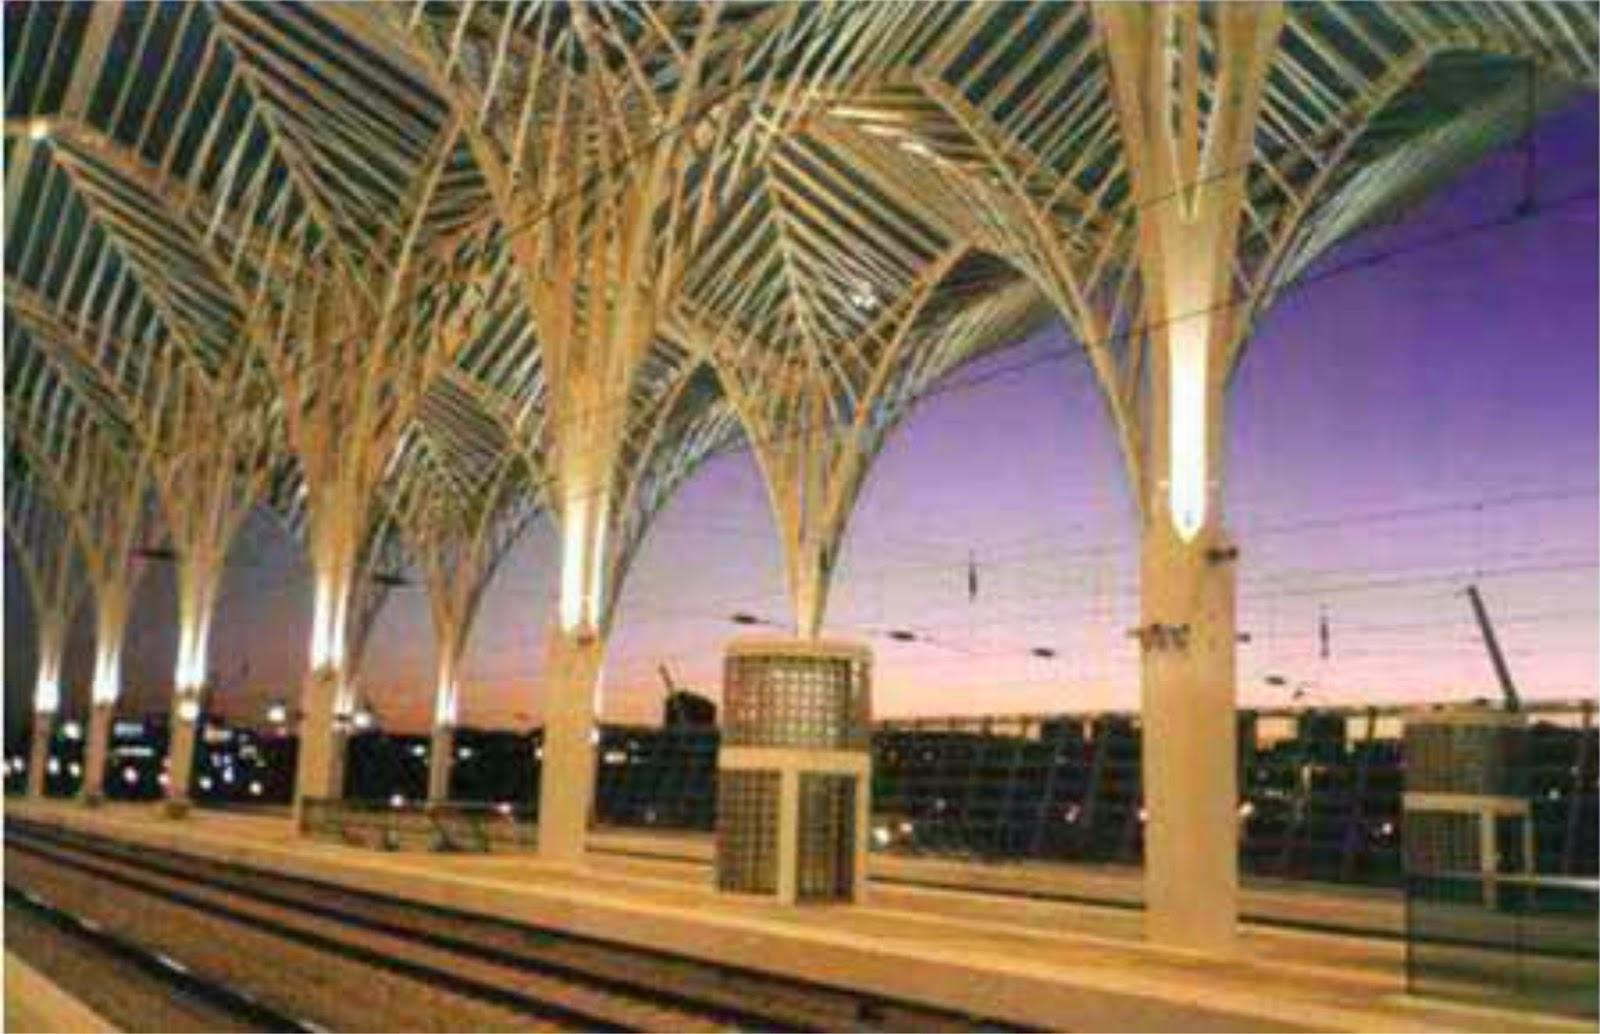 arquitetura   a u00e7o  pilares em  u00c1rvore ou cobertura arb u00f3rea